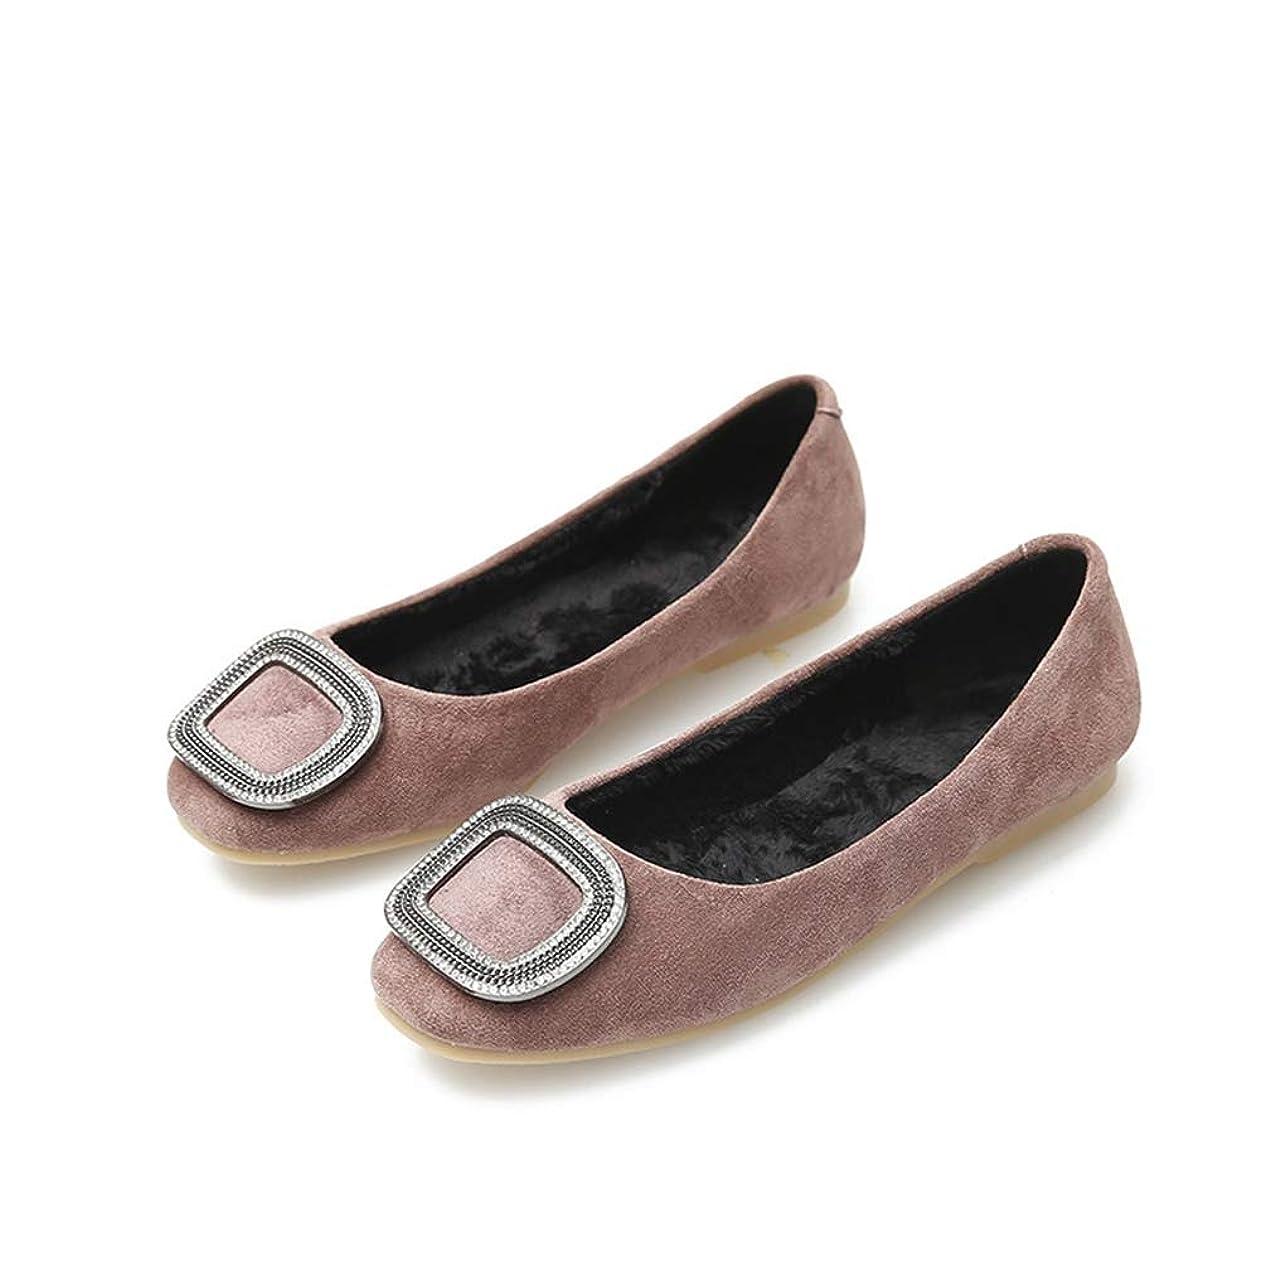 空虚好きである急行するパンプス 痛くない ローヒール 26.0cm ぺたんこ 大きいサイズ 歩きやすい 旅行 疲れない ヒール 小さいサイズ 黒 ブラック 走れる 立ち仕事 おしゃれ ピンク裏起毛 フラットシューズ レディース靴 スエード バックル スクエアトゥ 痛くない